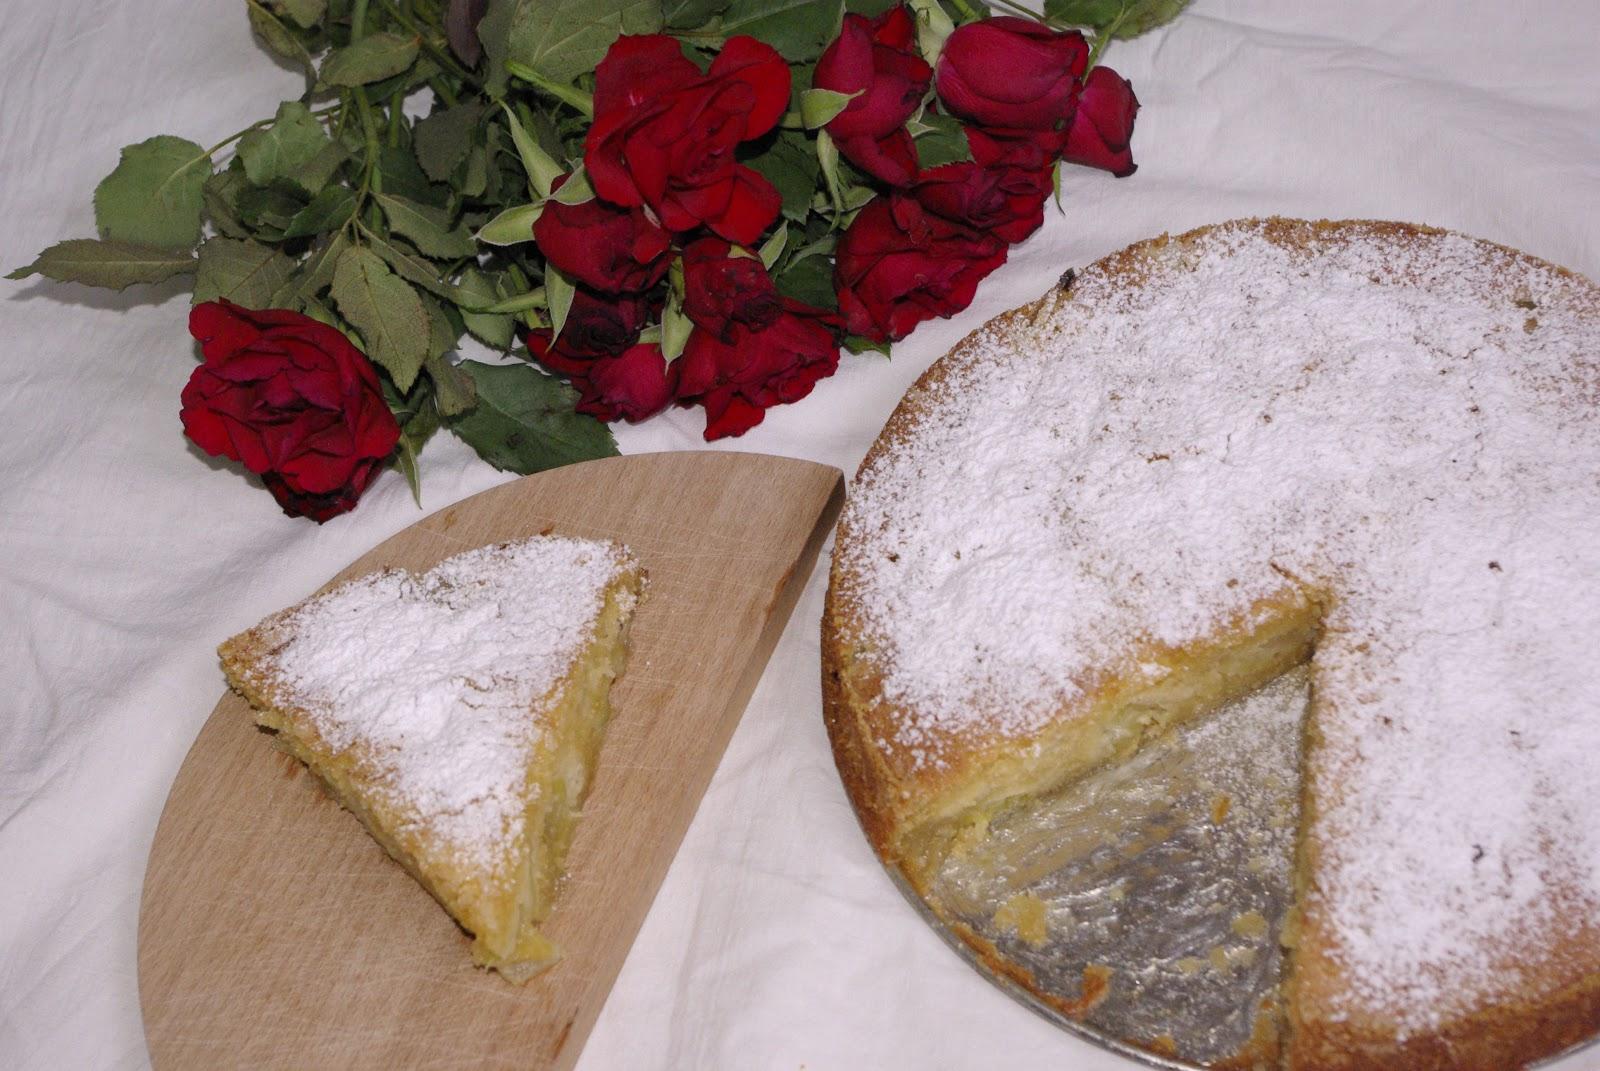 Szybkie i smaczne ciasto z rabarbarem.